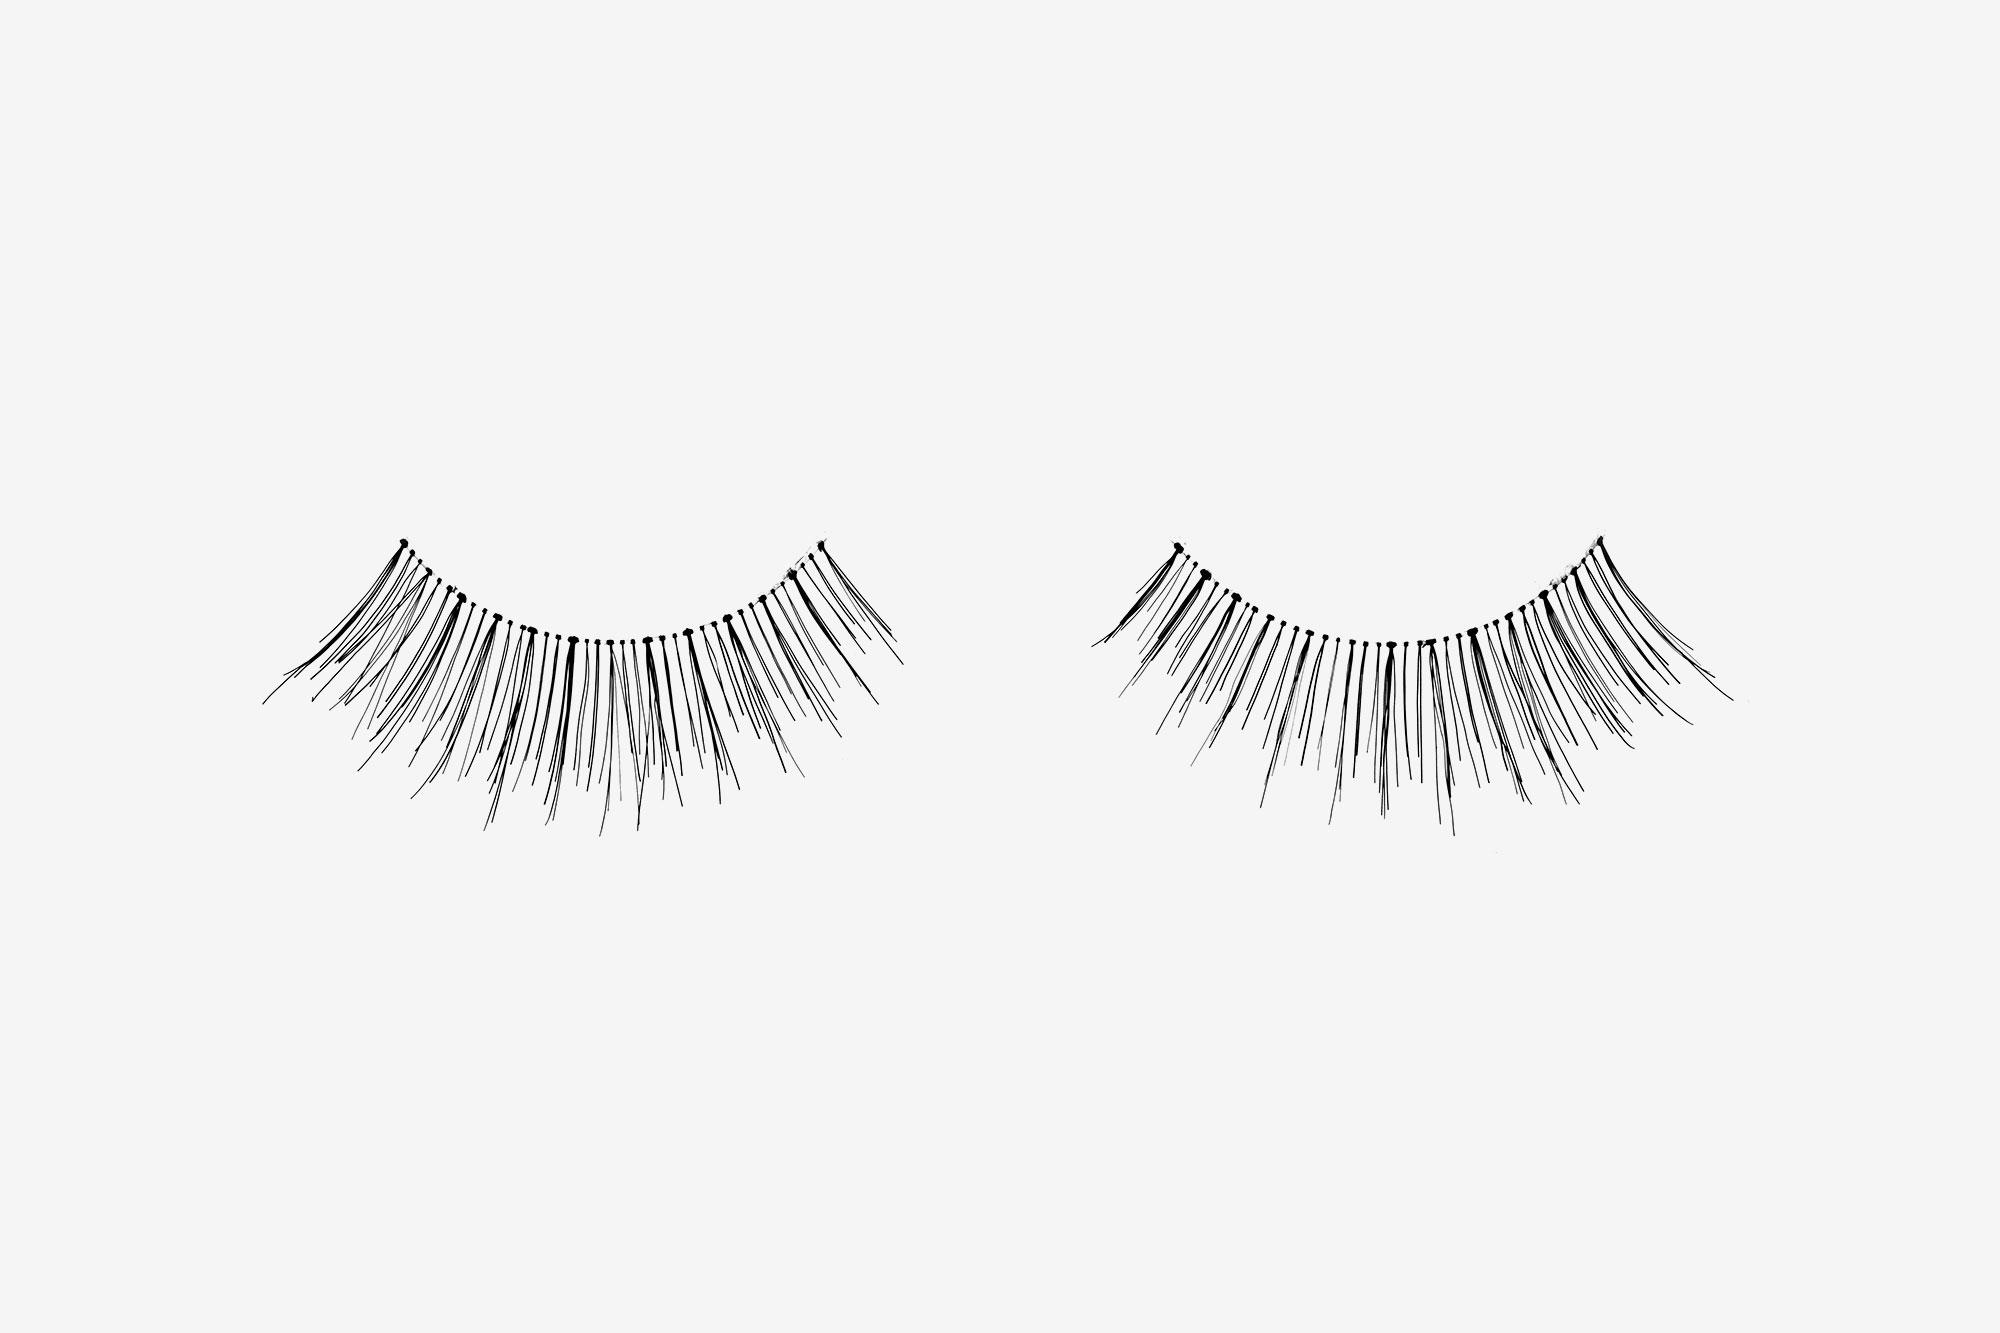 Lilly False Eyelashes, pair of false eyelashes side by side on grey background